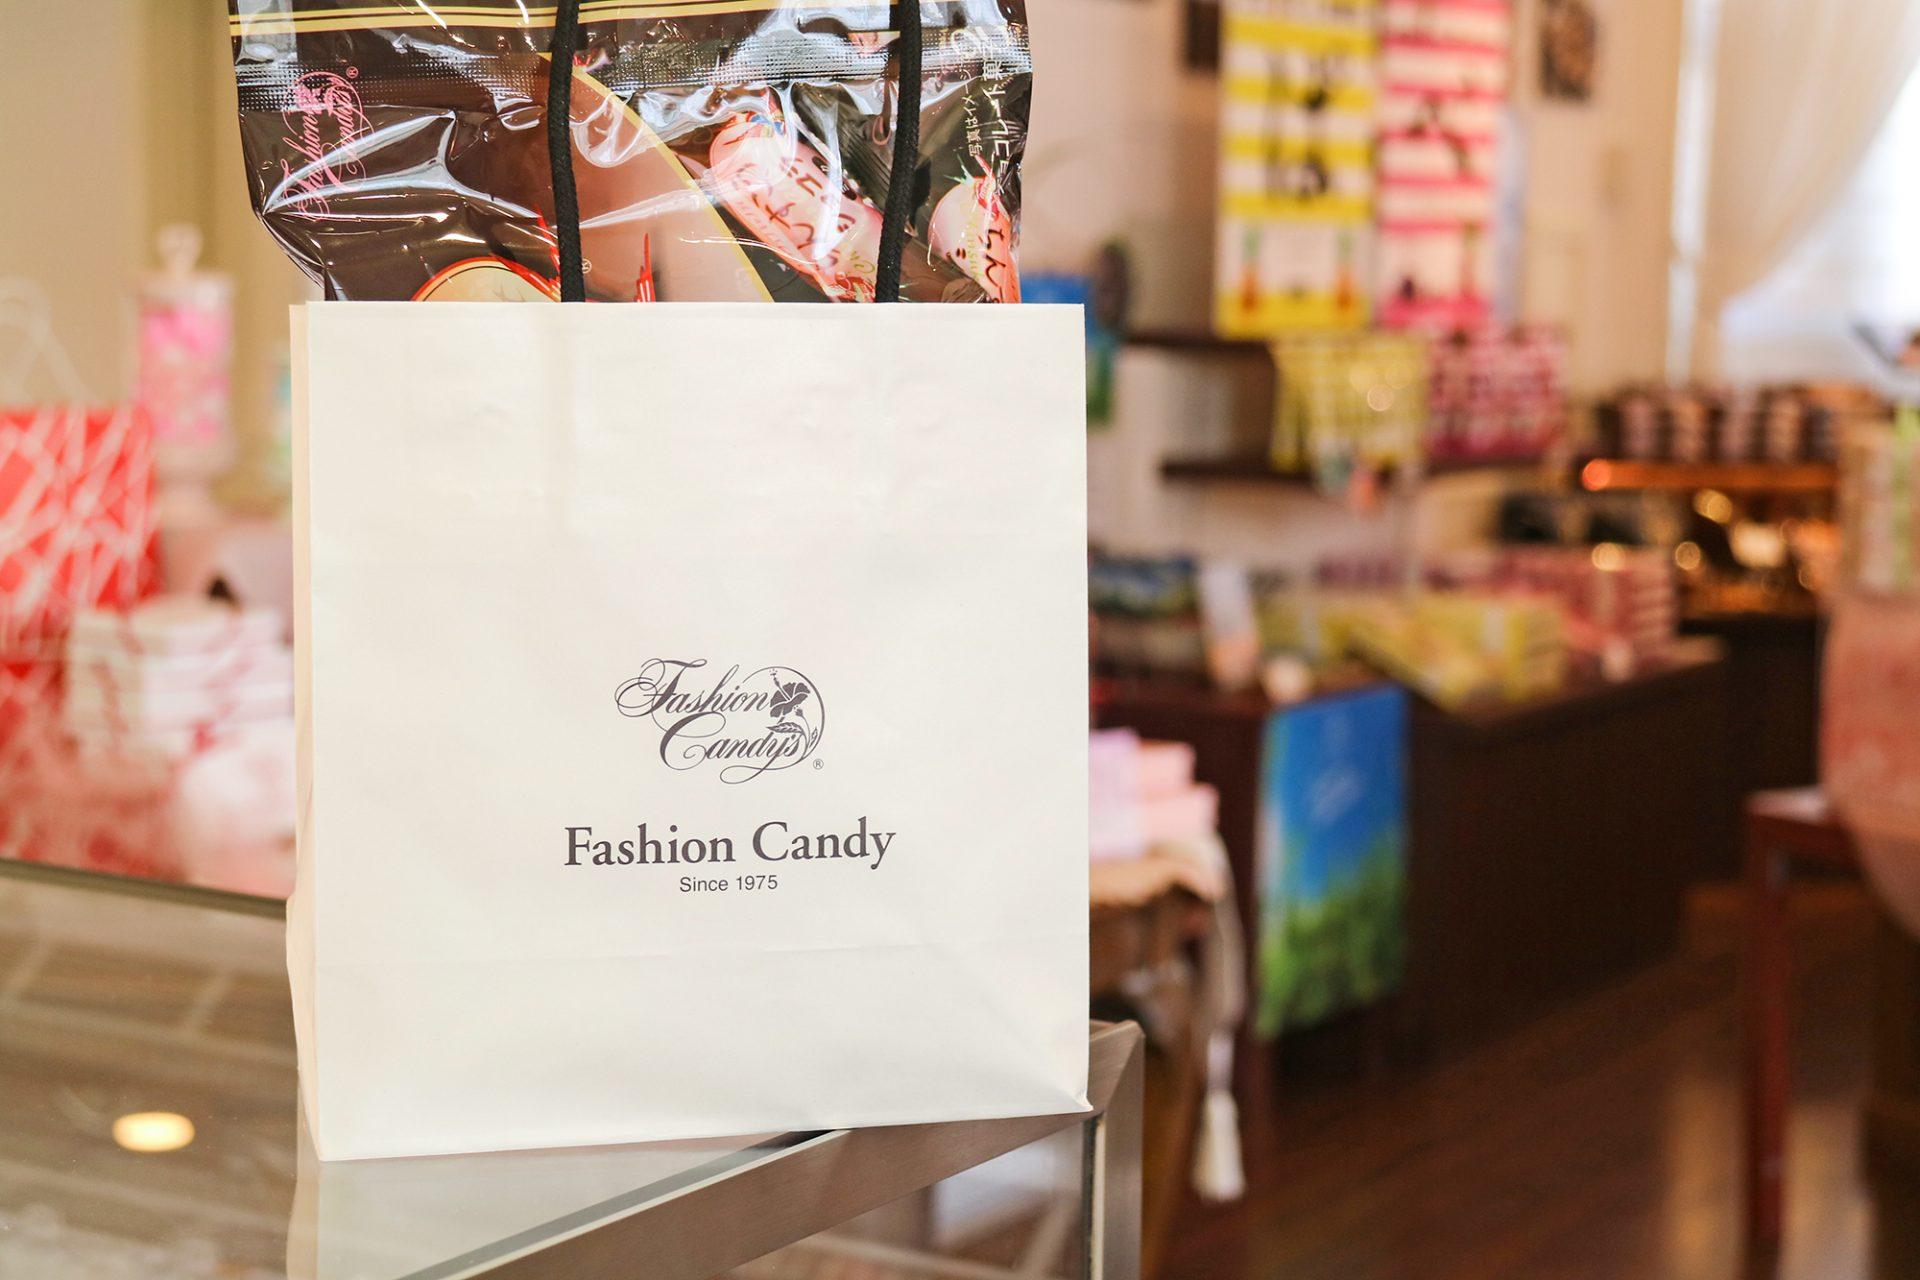 泡盛にフルーツ、沖縄県産素材にこだわるスイーツショップ 宜野湾市「ファッションキャンディ」